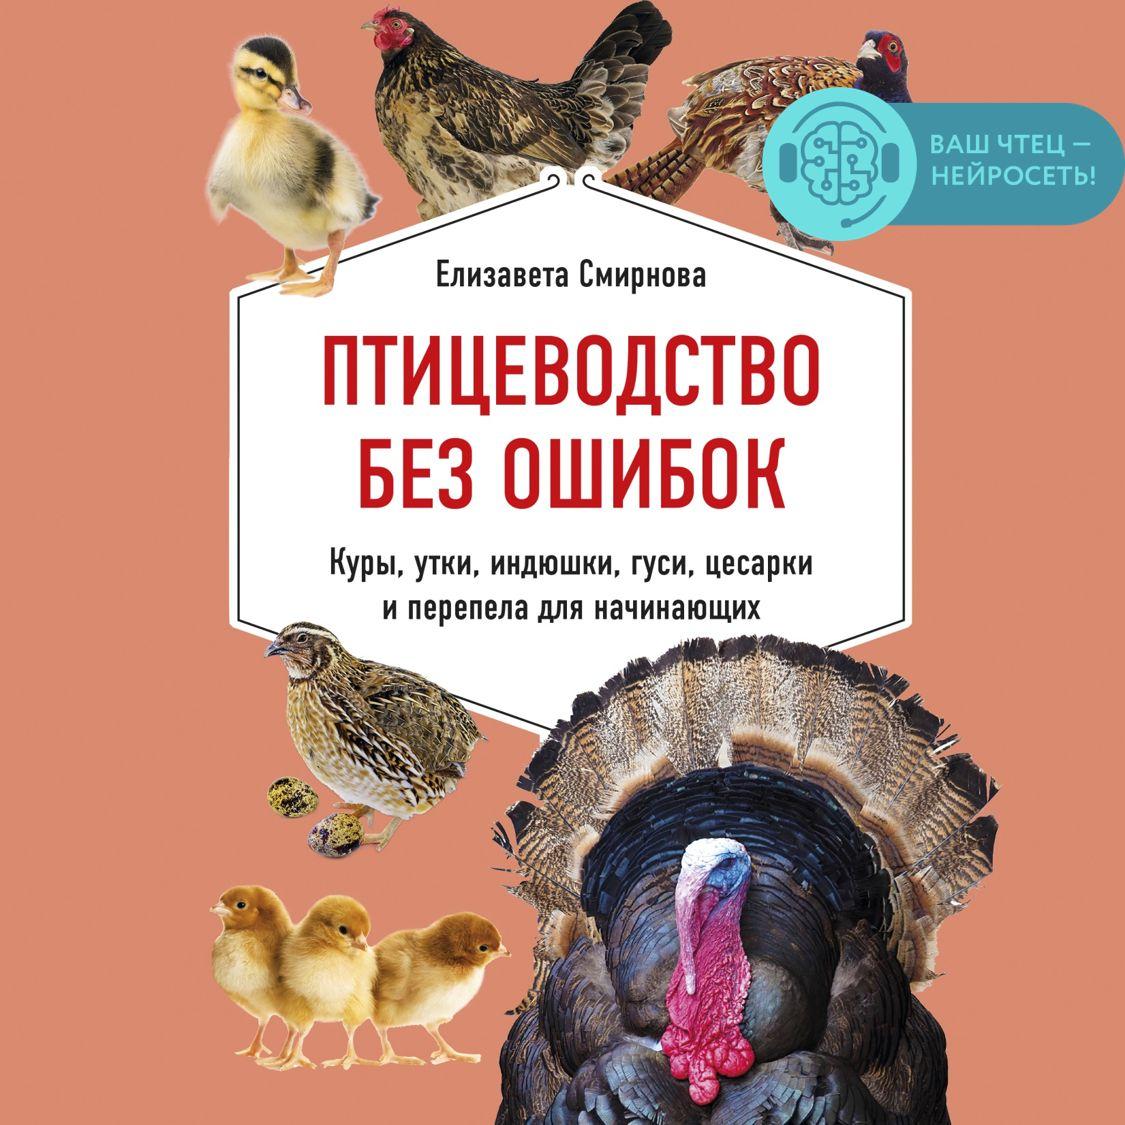 Купить книгу Птицеводство без ошибок. Куры, утки, индюшки, гуси, цесарки и перепела для начинающих, автора Елизаветы Смирновой